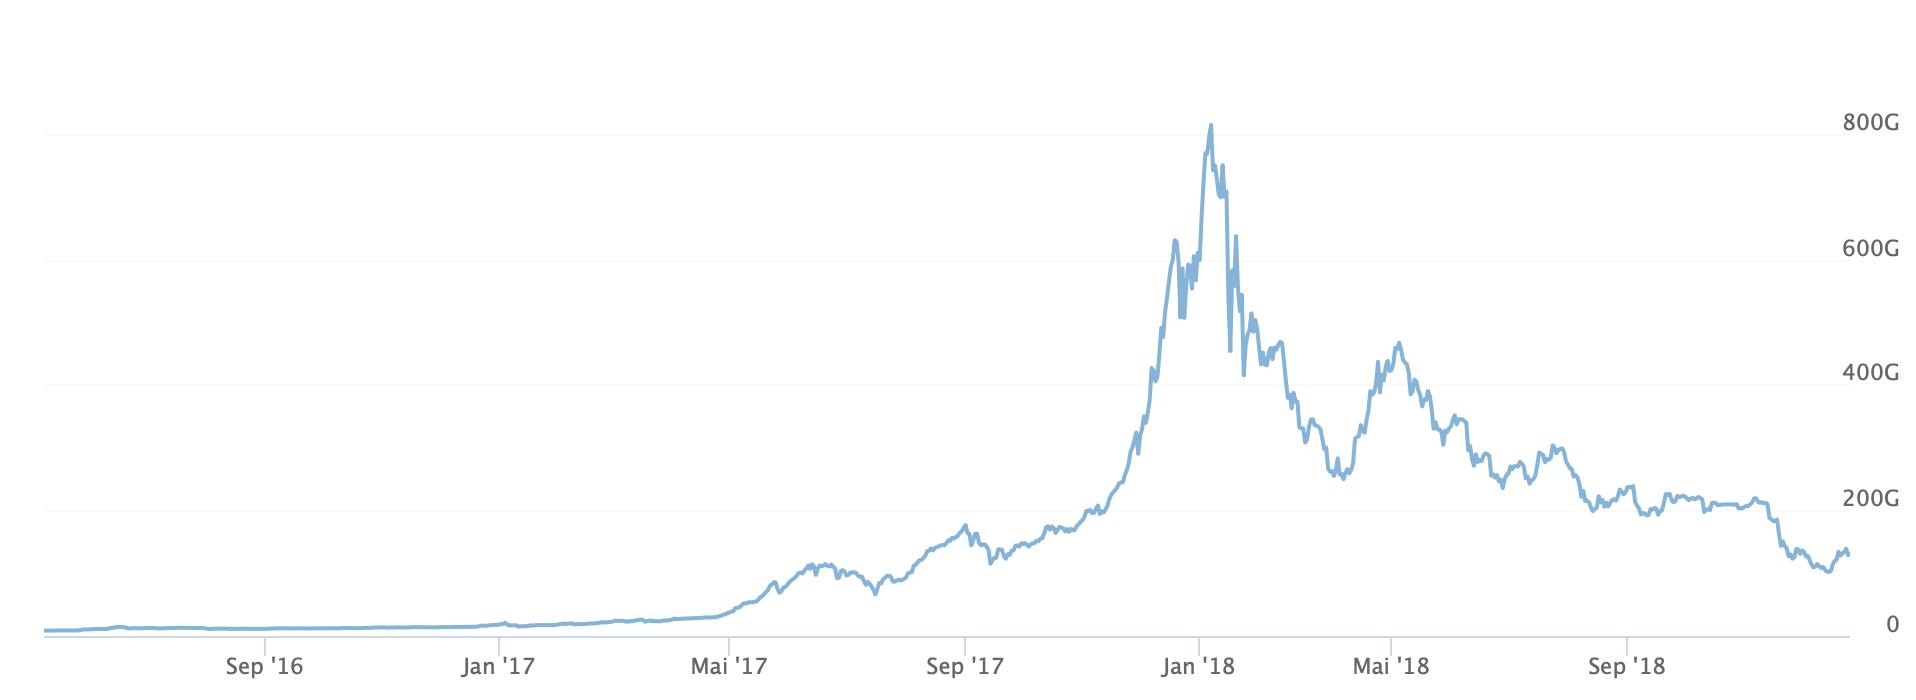 Marktkapitalisierung aller Kryptowährungen - Quelle: investing.com